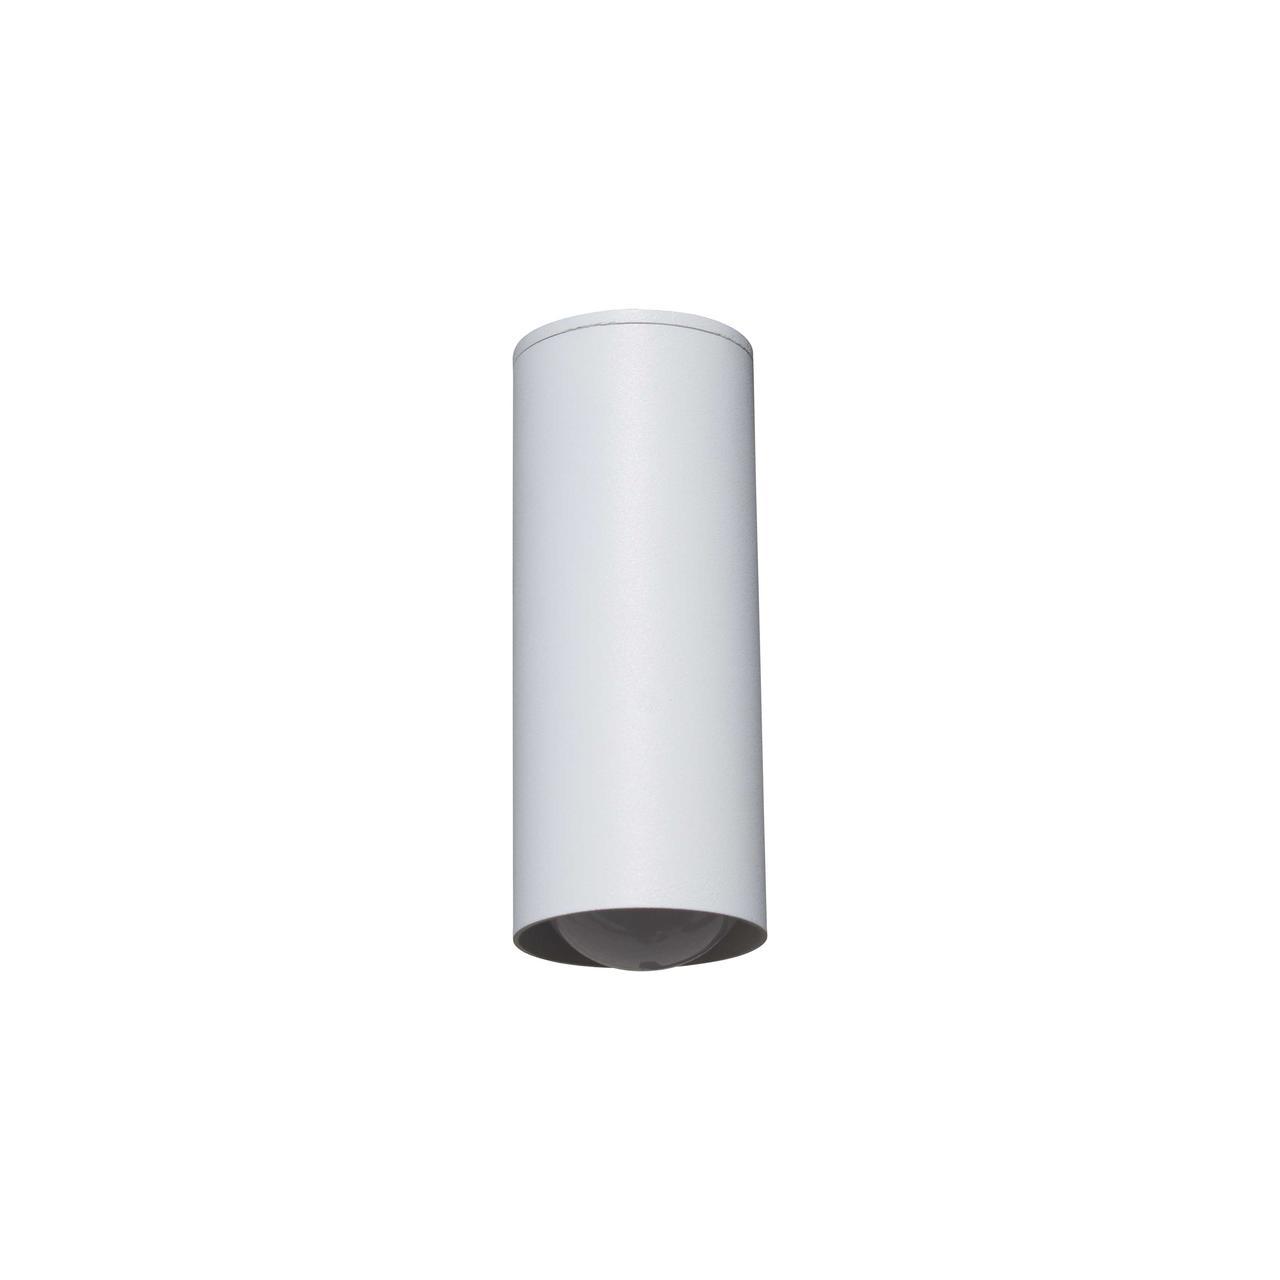 Светильник потолочный MSK Electric Tube NL 1205 W